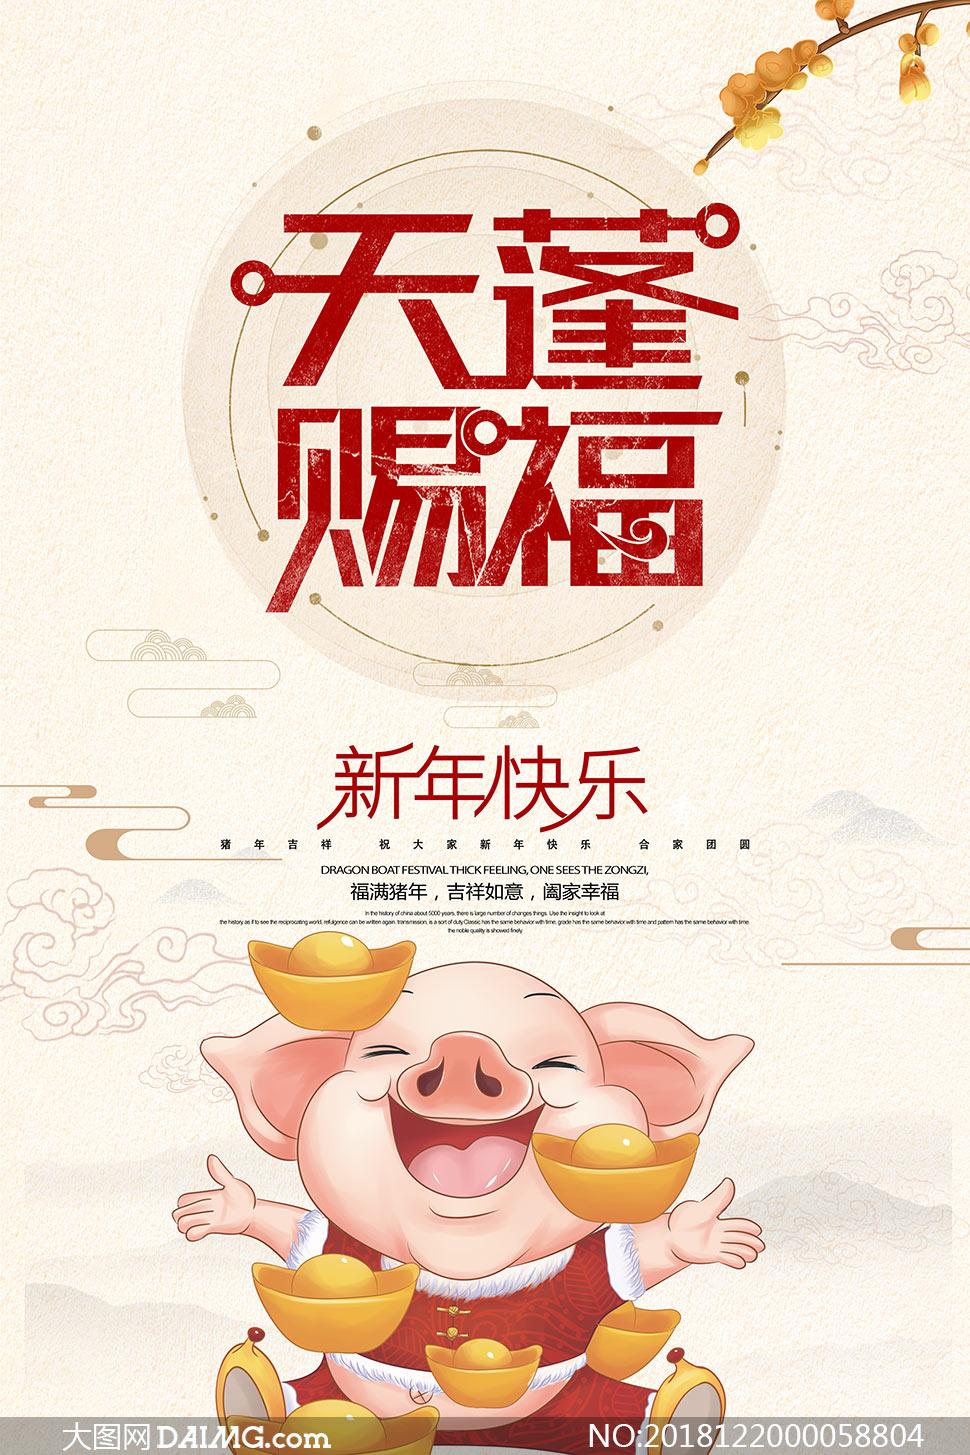 2019猪年赐福宣传海报设计psd素材